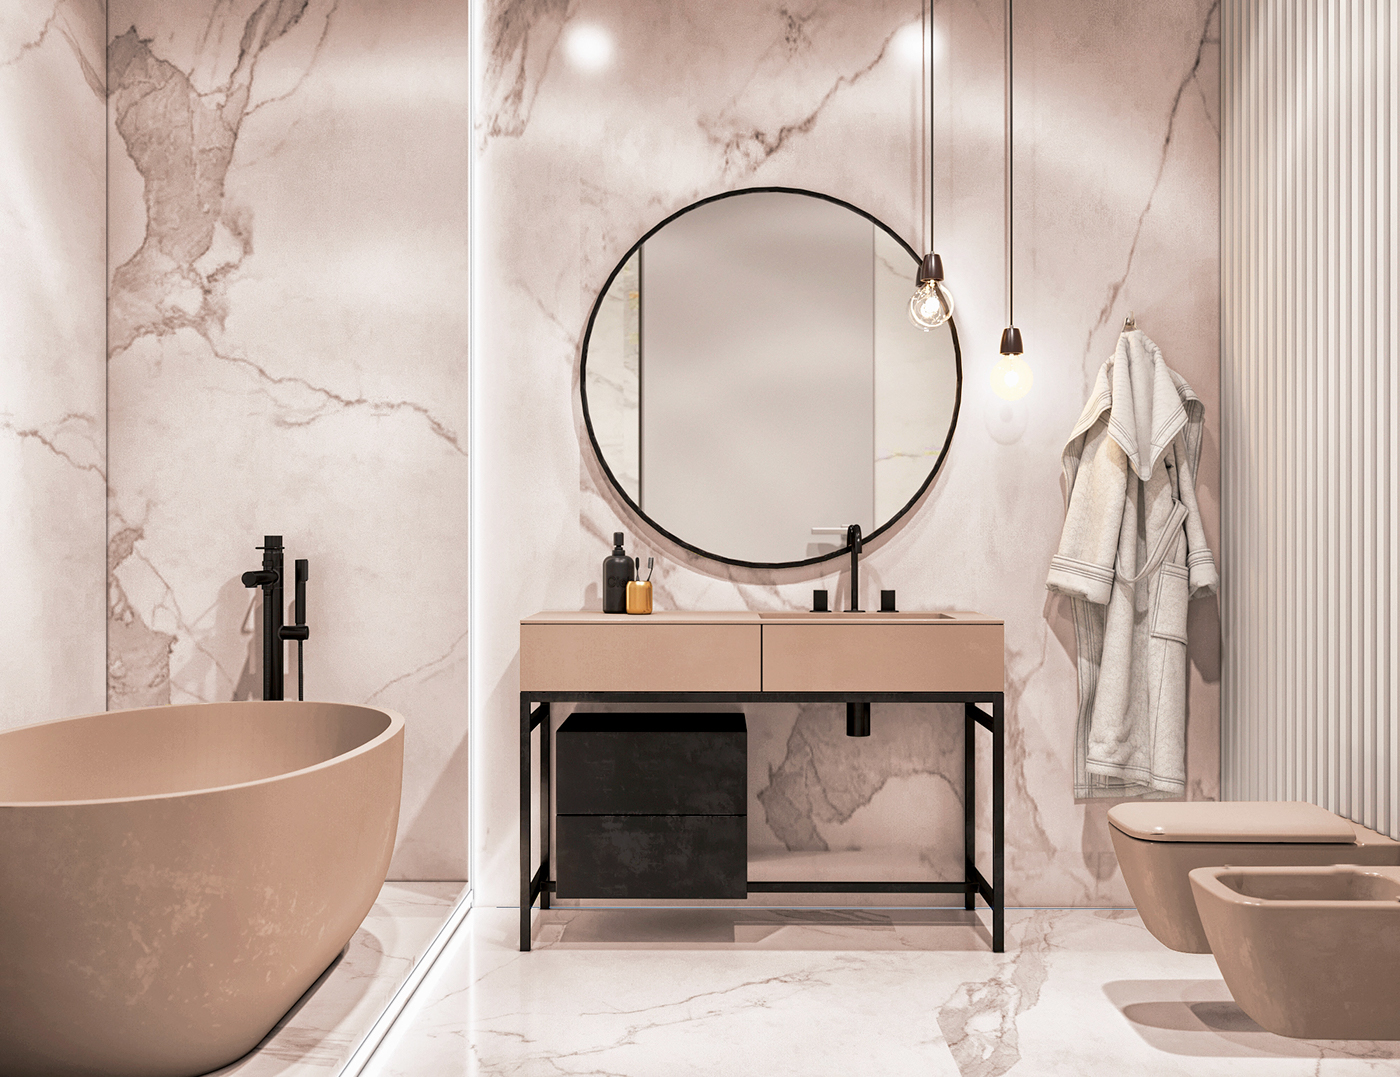 Chique Badkamer Ontwerp : Luxe chique badkamer met zwarte accenten badkamers voorbeelden